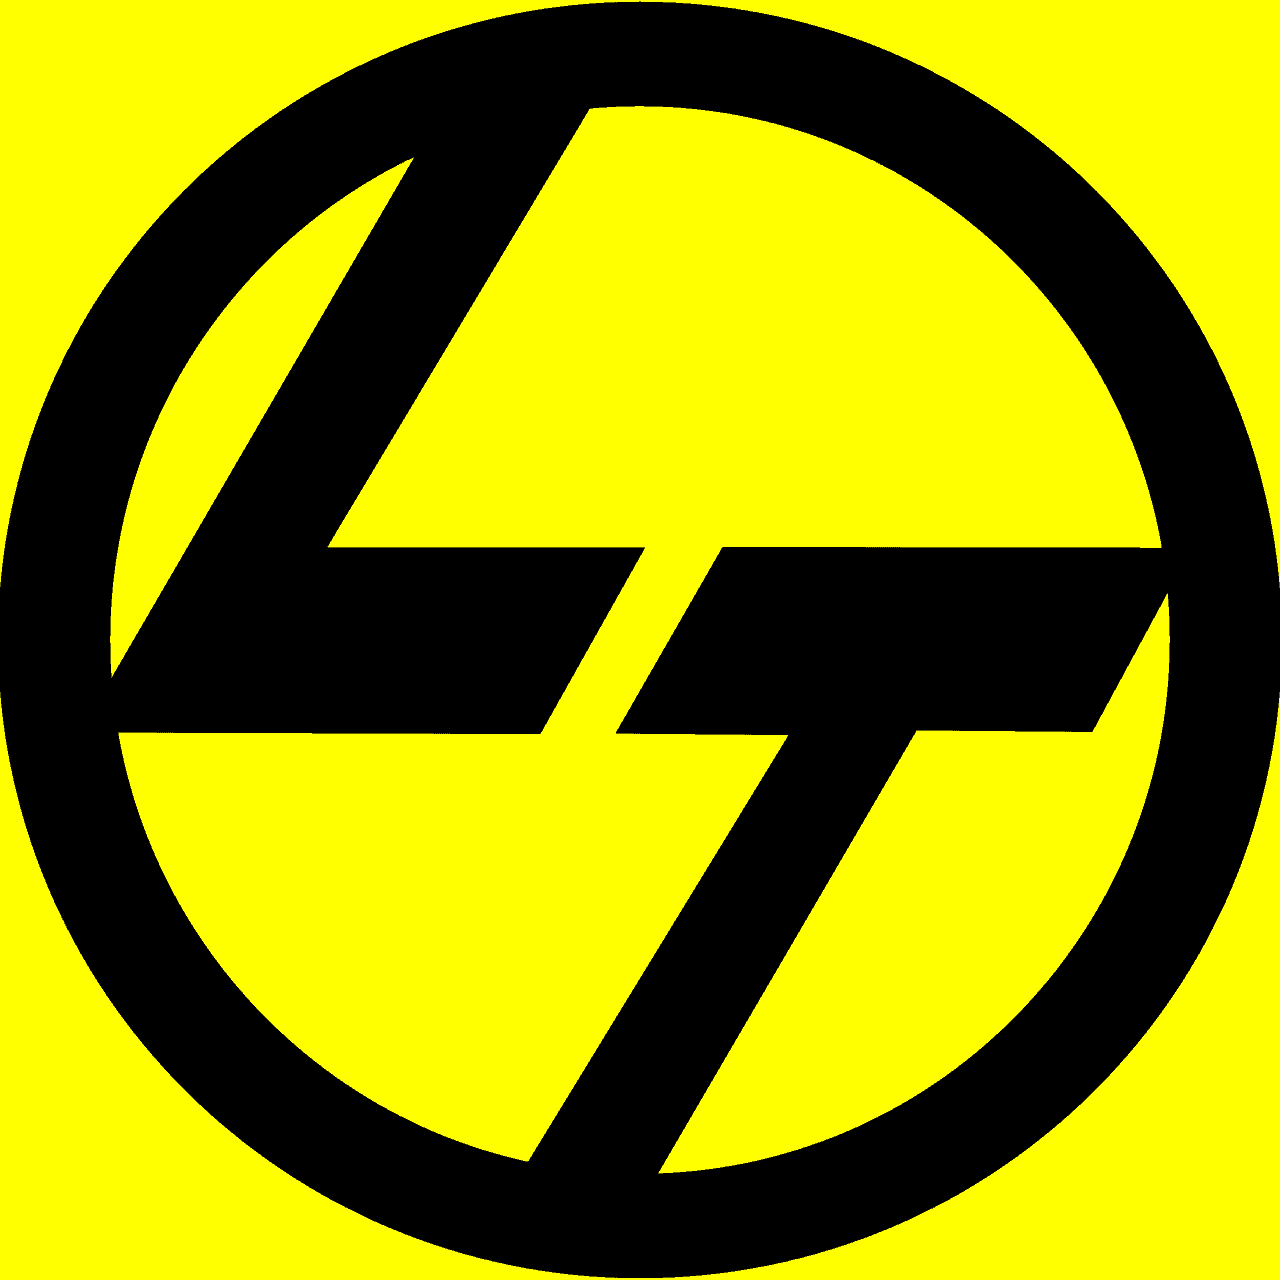 लार्सन एंड टूब्रो Larsen & Toubro